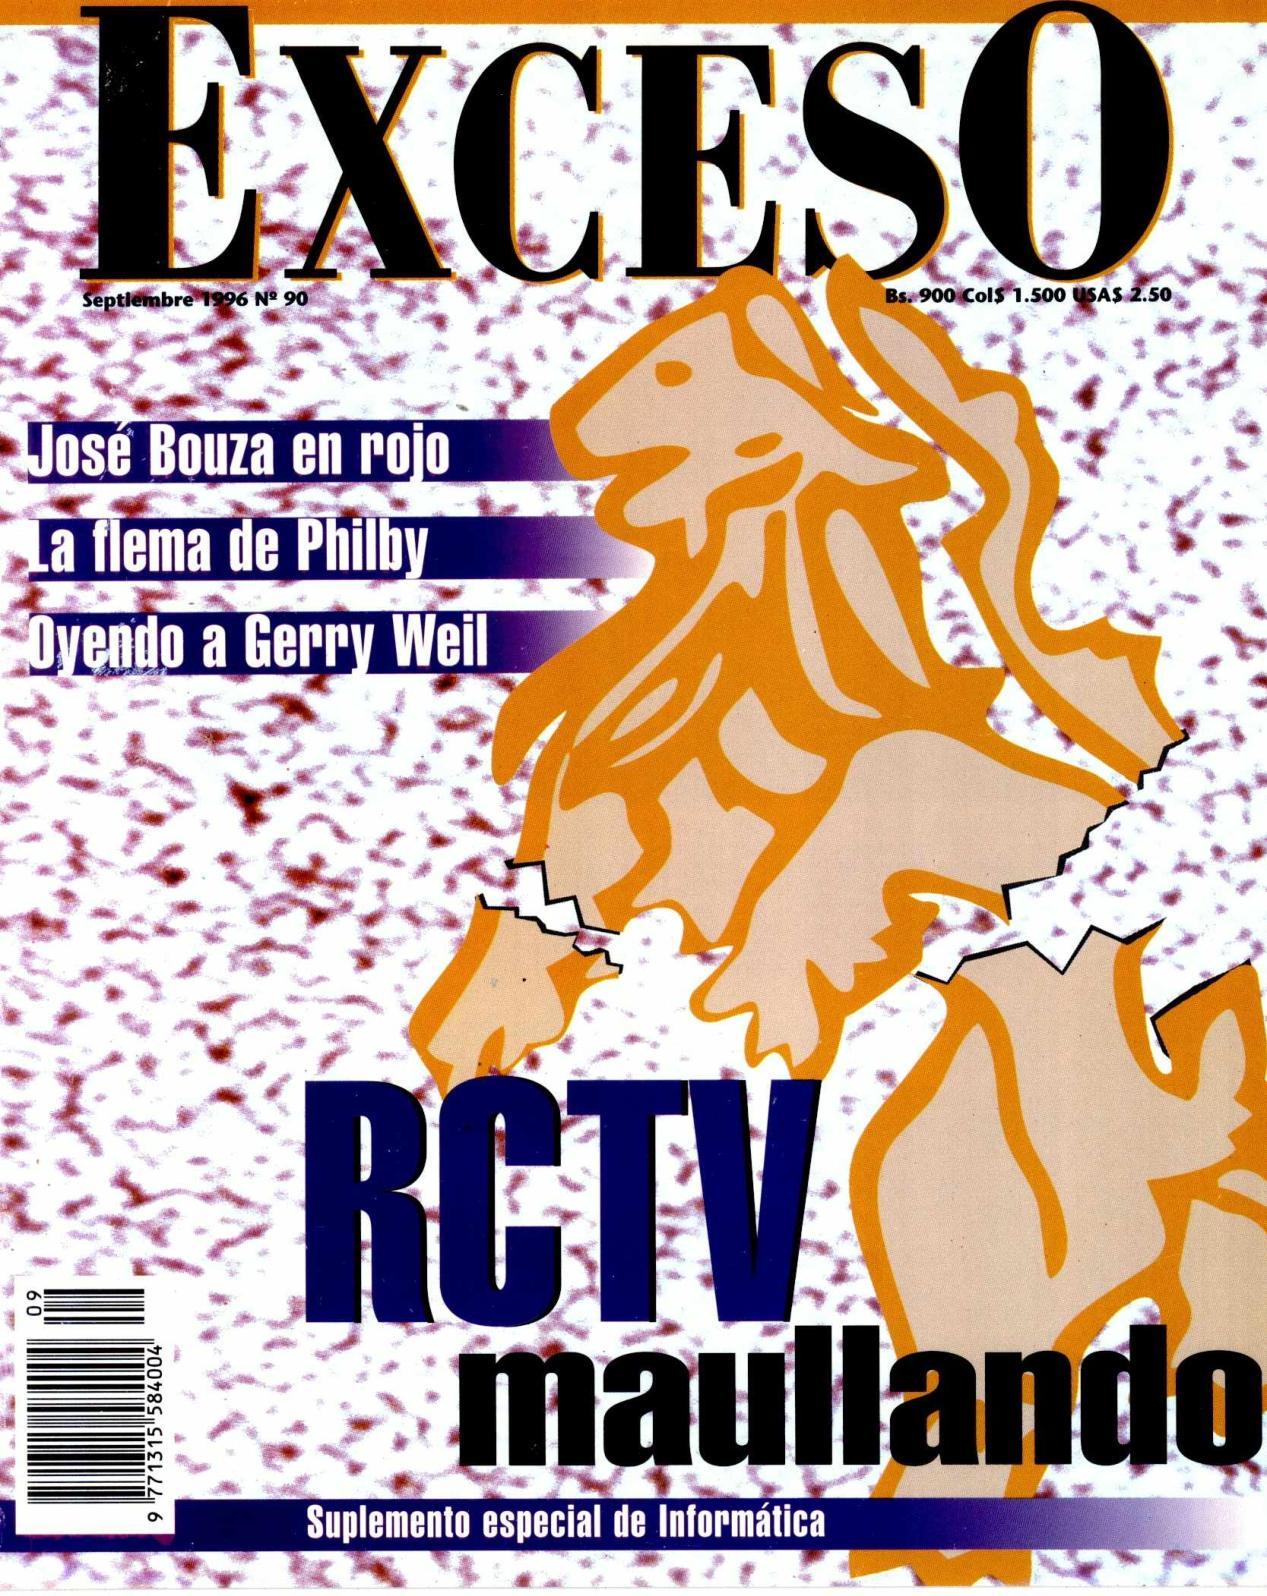 Calaméo - REVISTA EXCESO SEPTIEMBRE 1996 Nº 90